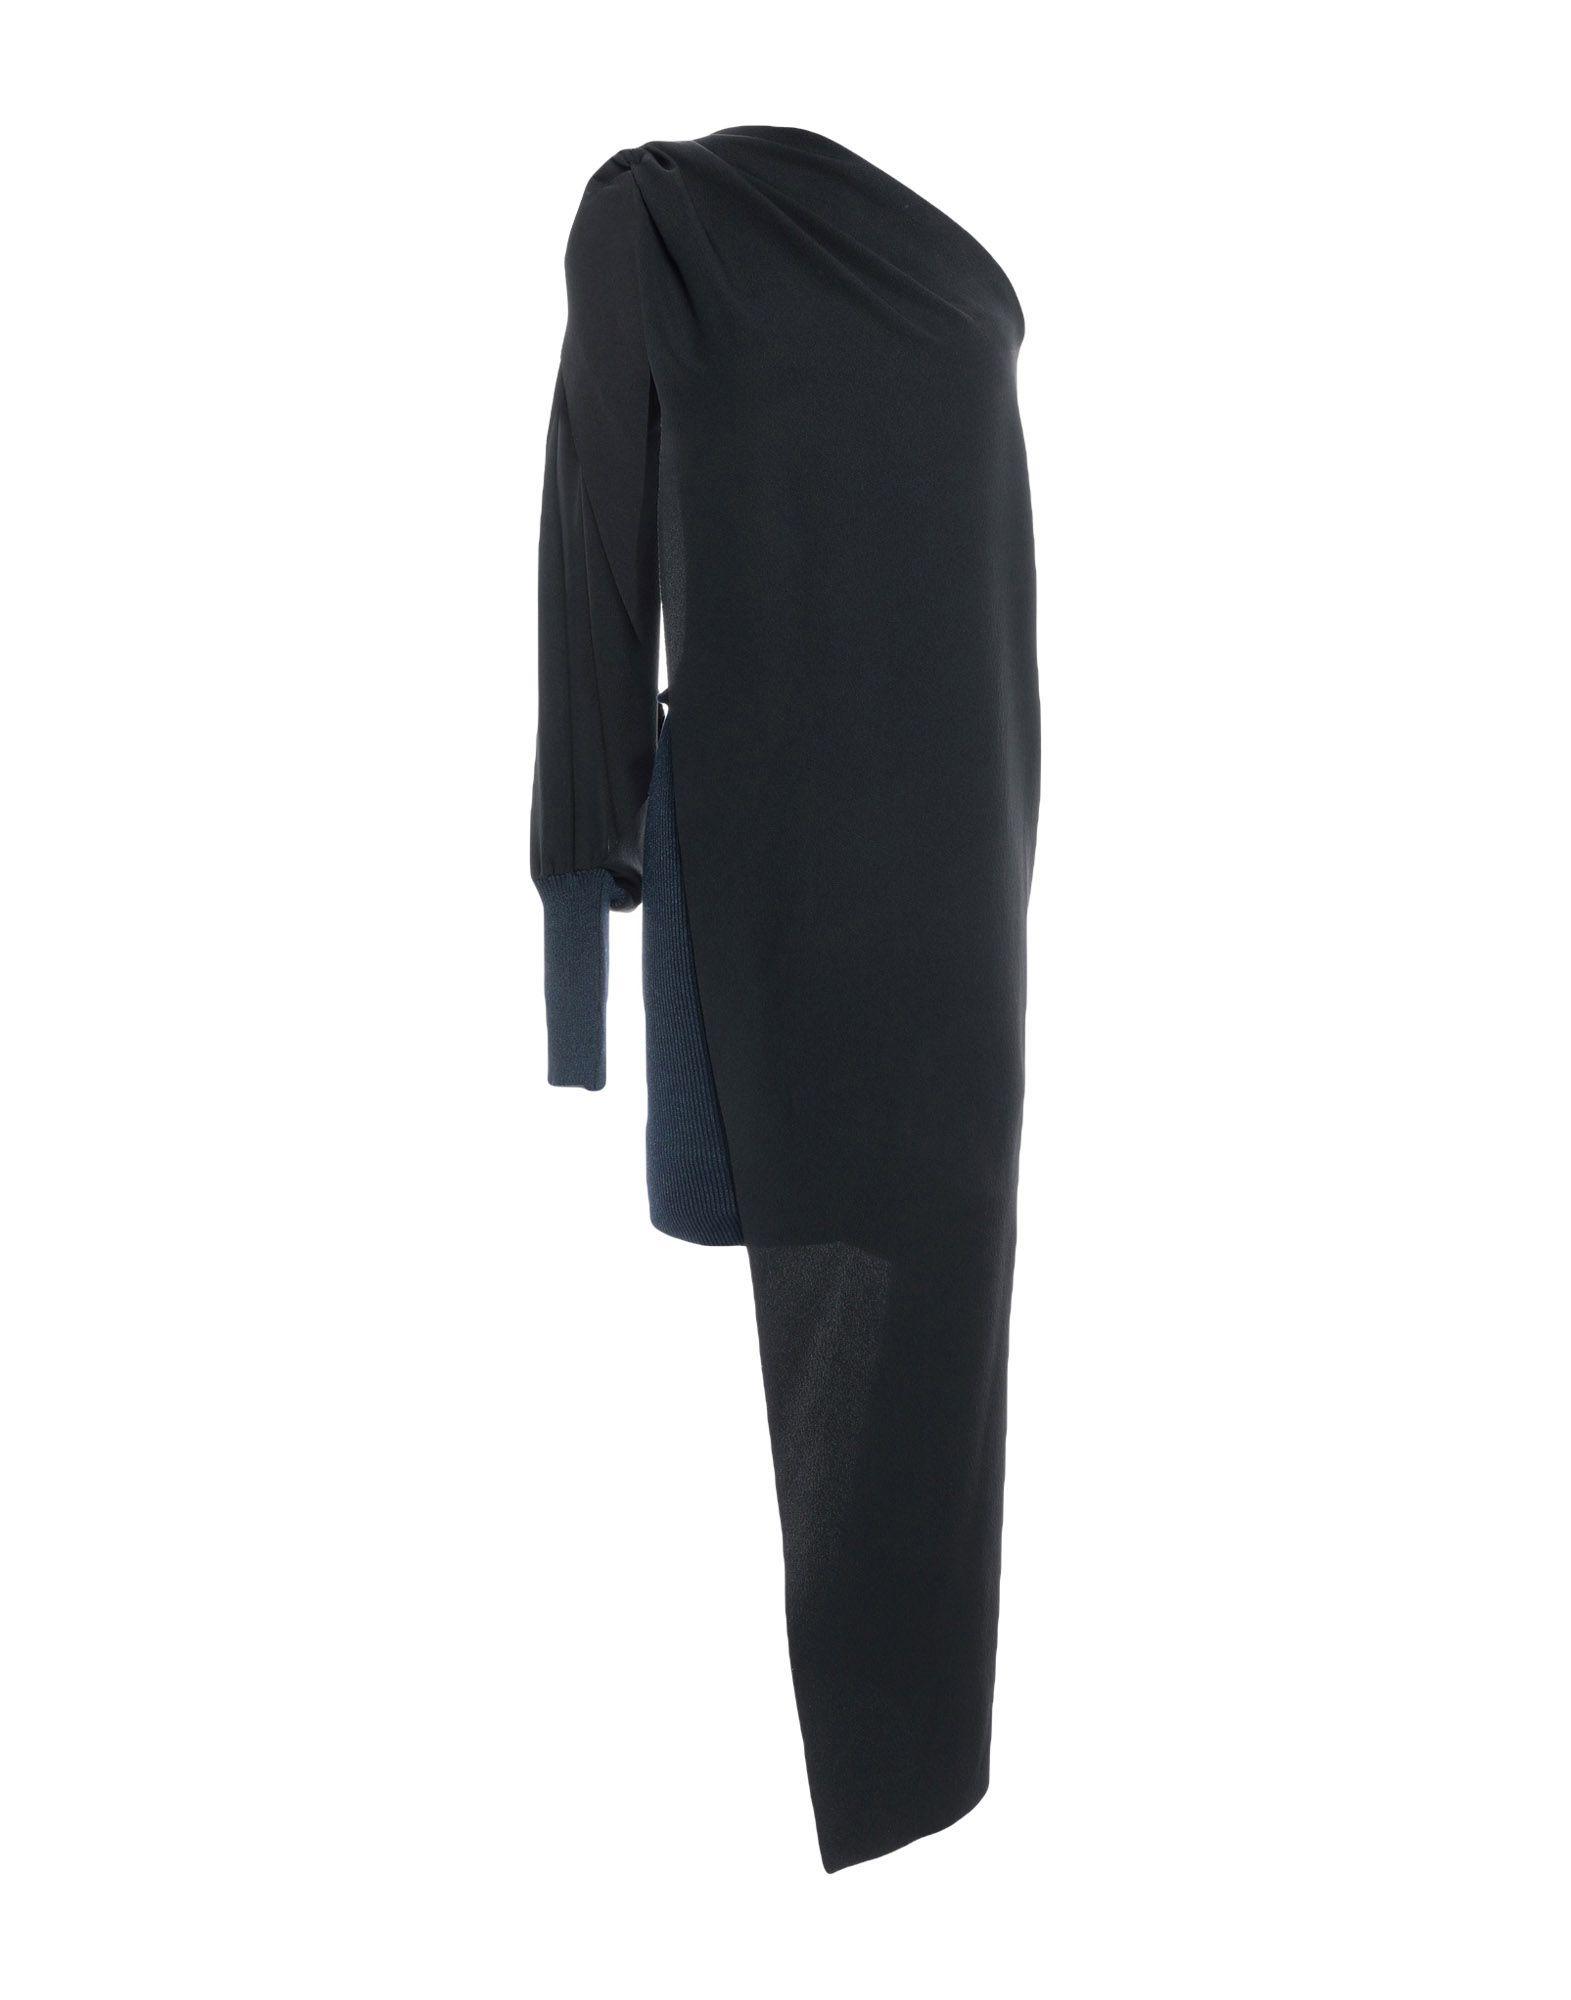 《期間限定セール中》ANDREAS KRONTHALER for VIVIENNE WESTWOOD レディース ミニワンピース&ドレス ダークブルー 2 シルク 100% / レーヨン / ポリエステル / ポリウレタン